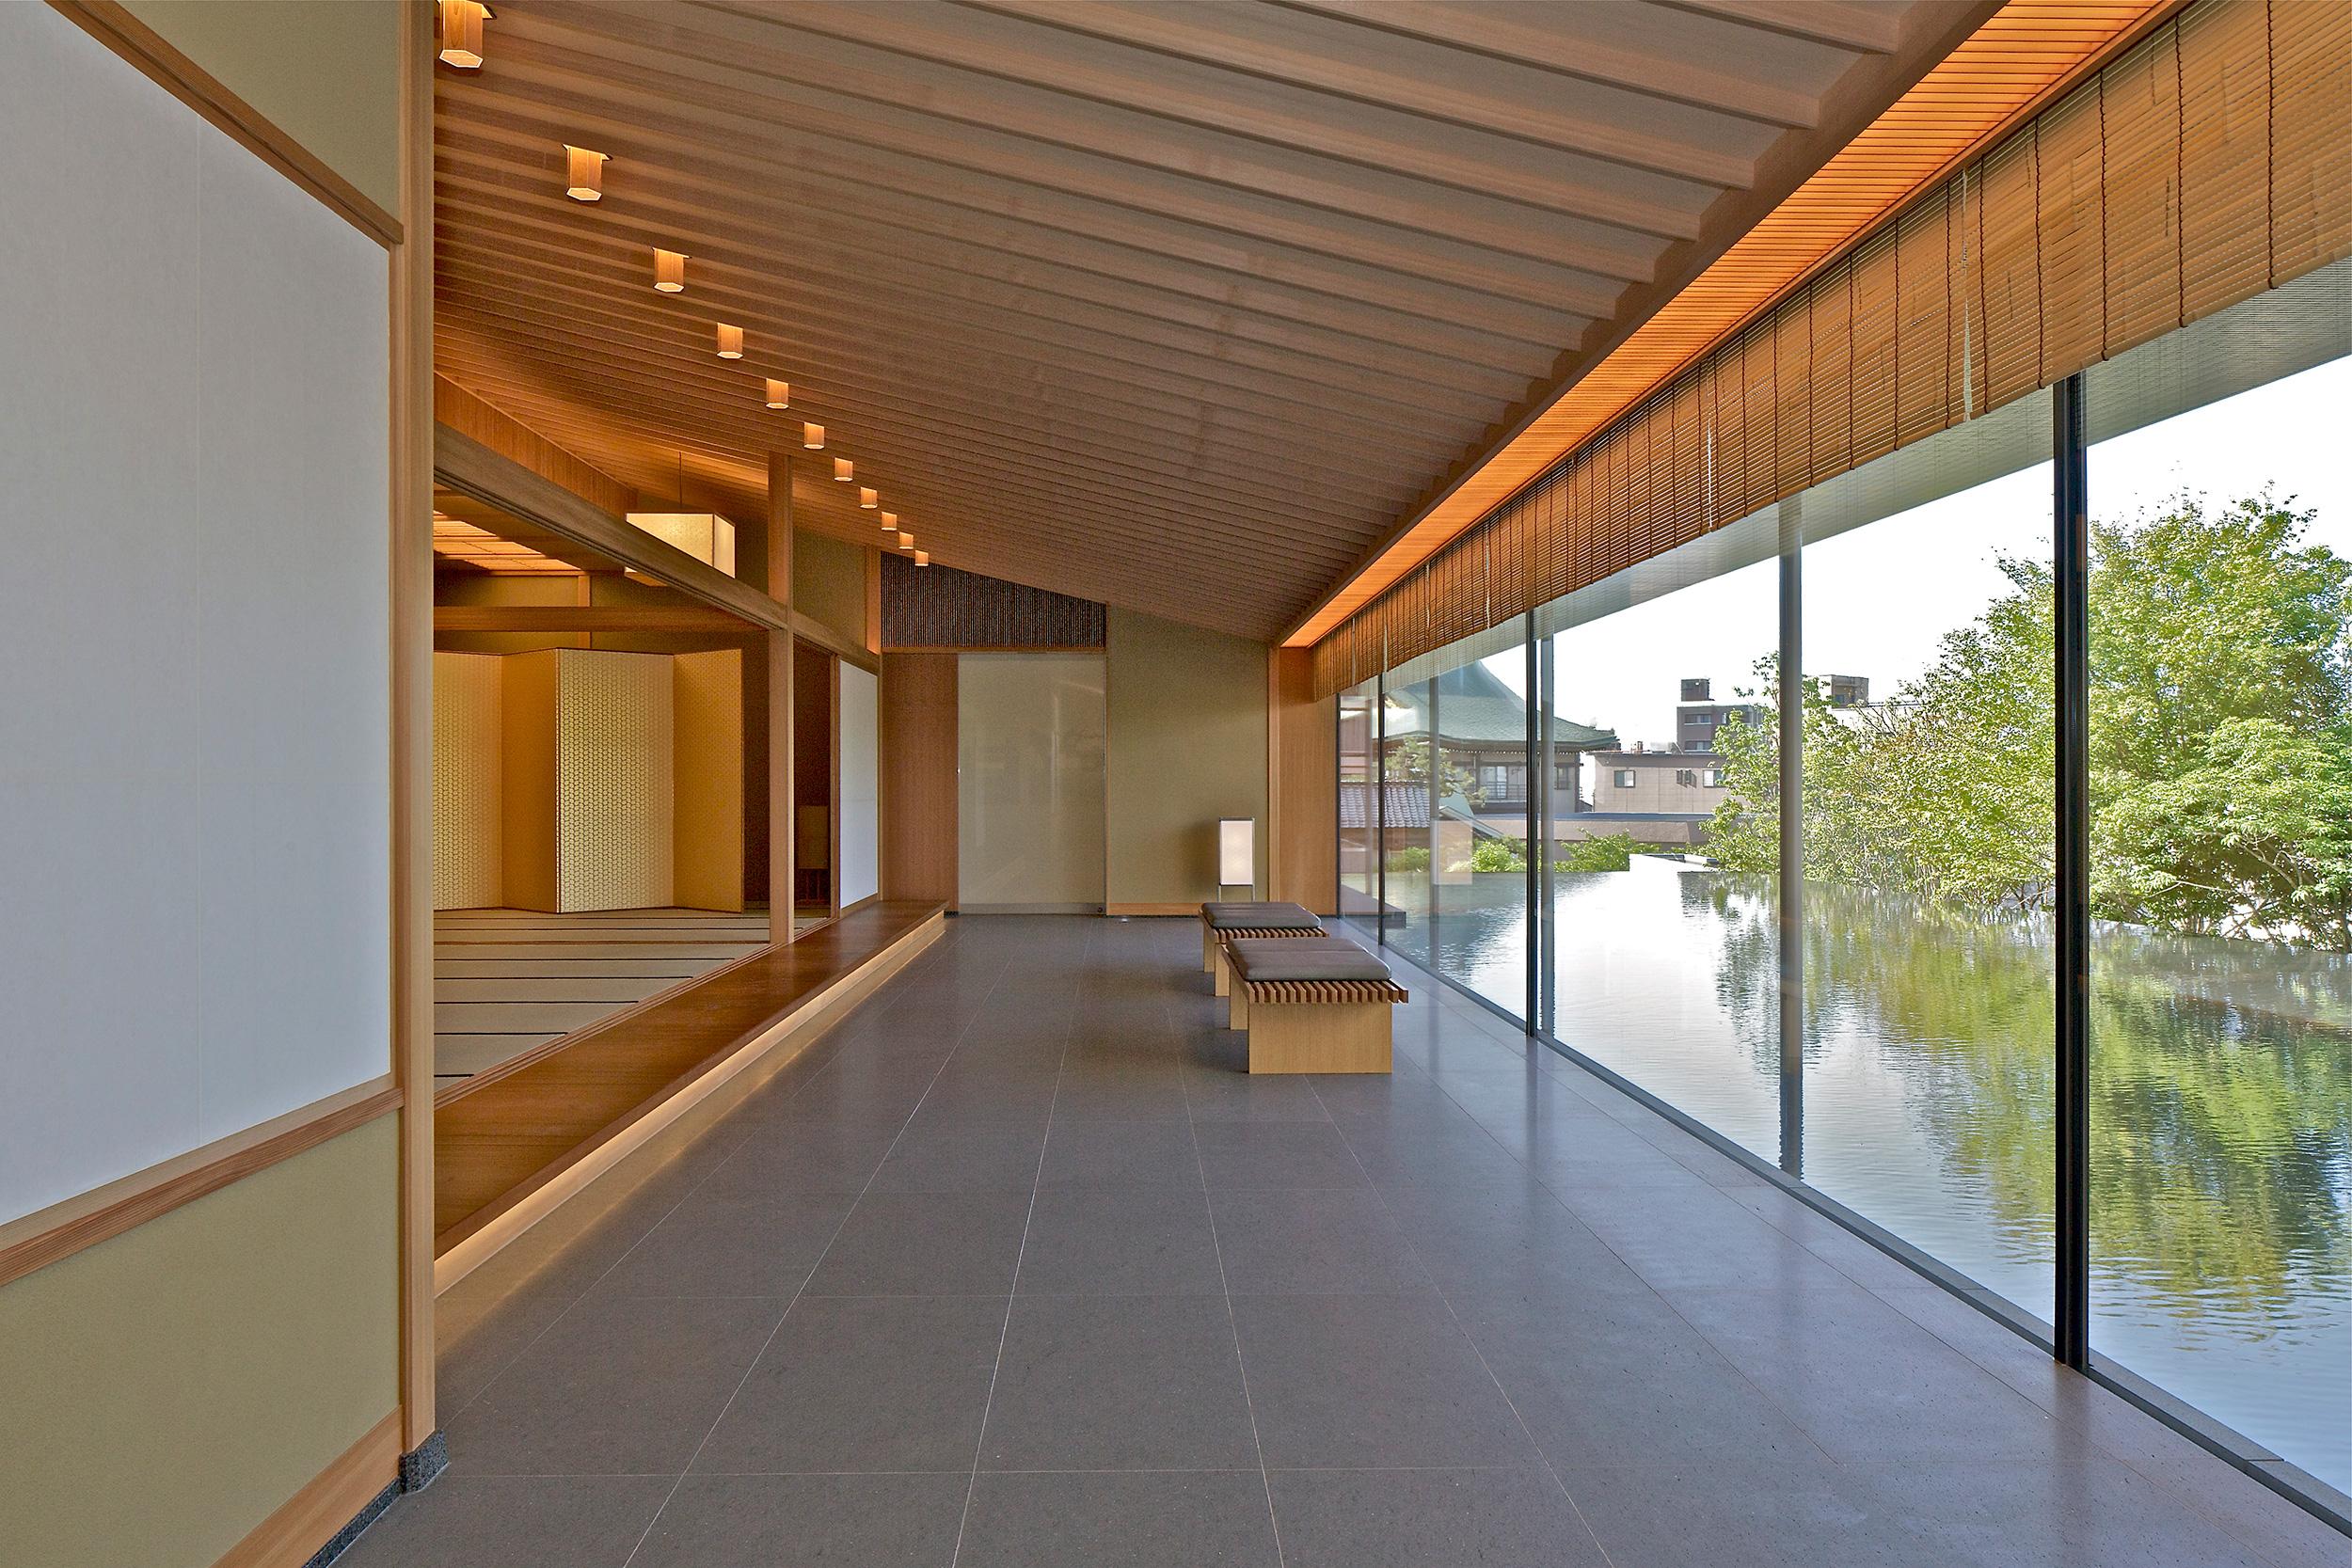 「日本の建築意匠」ここにあり